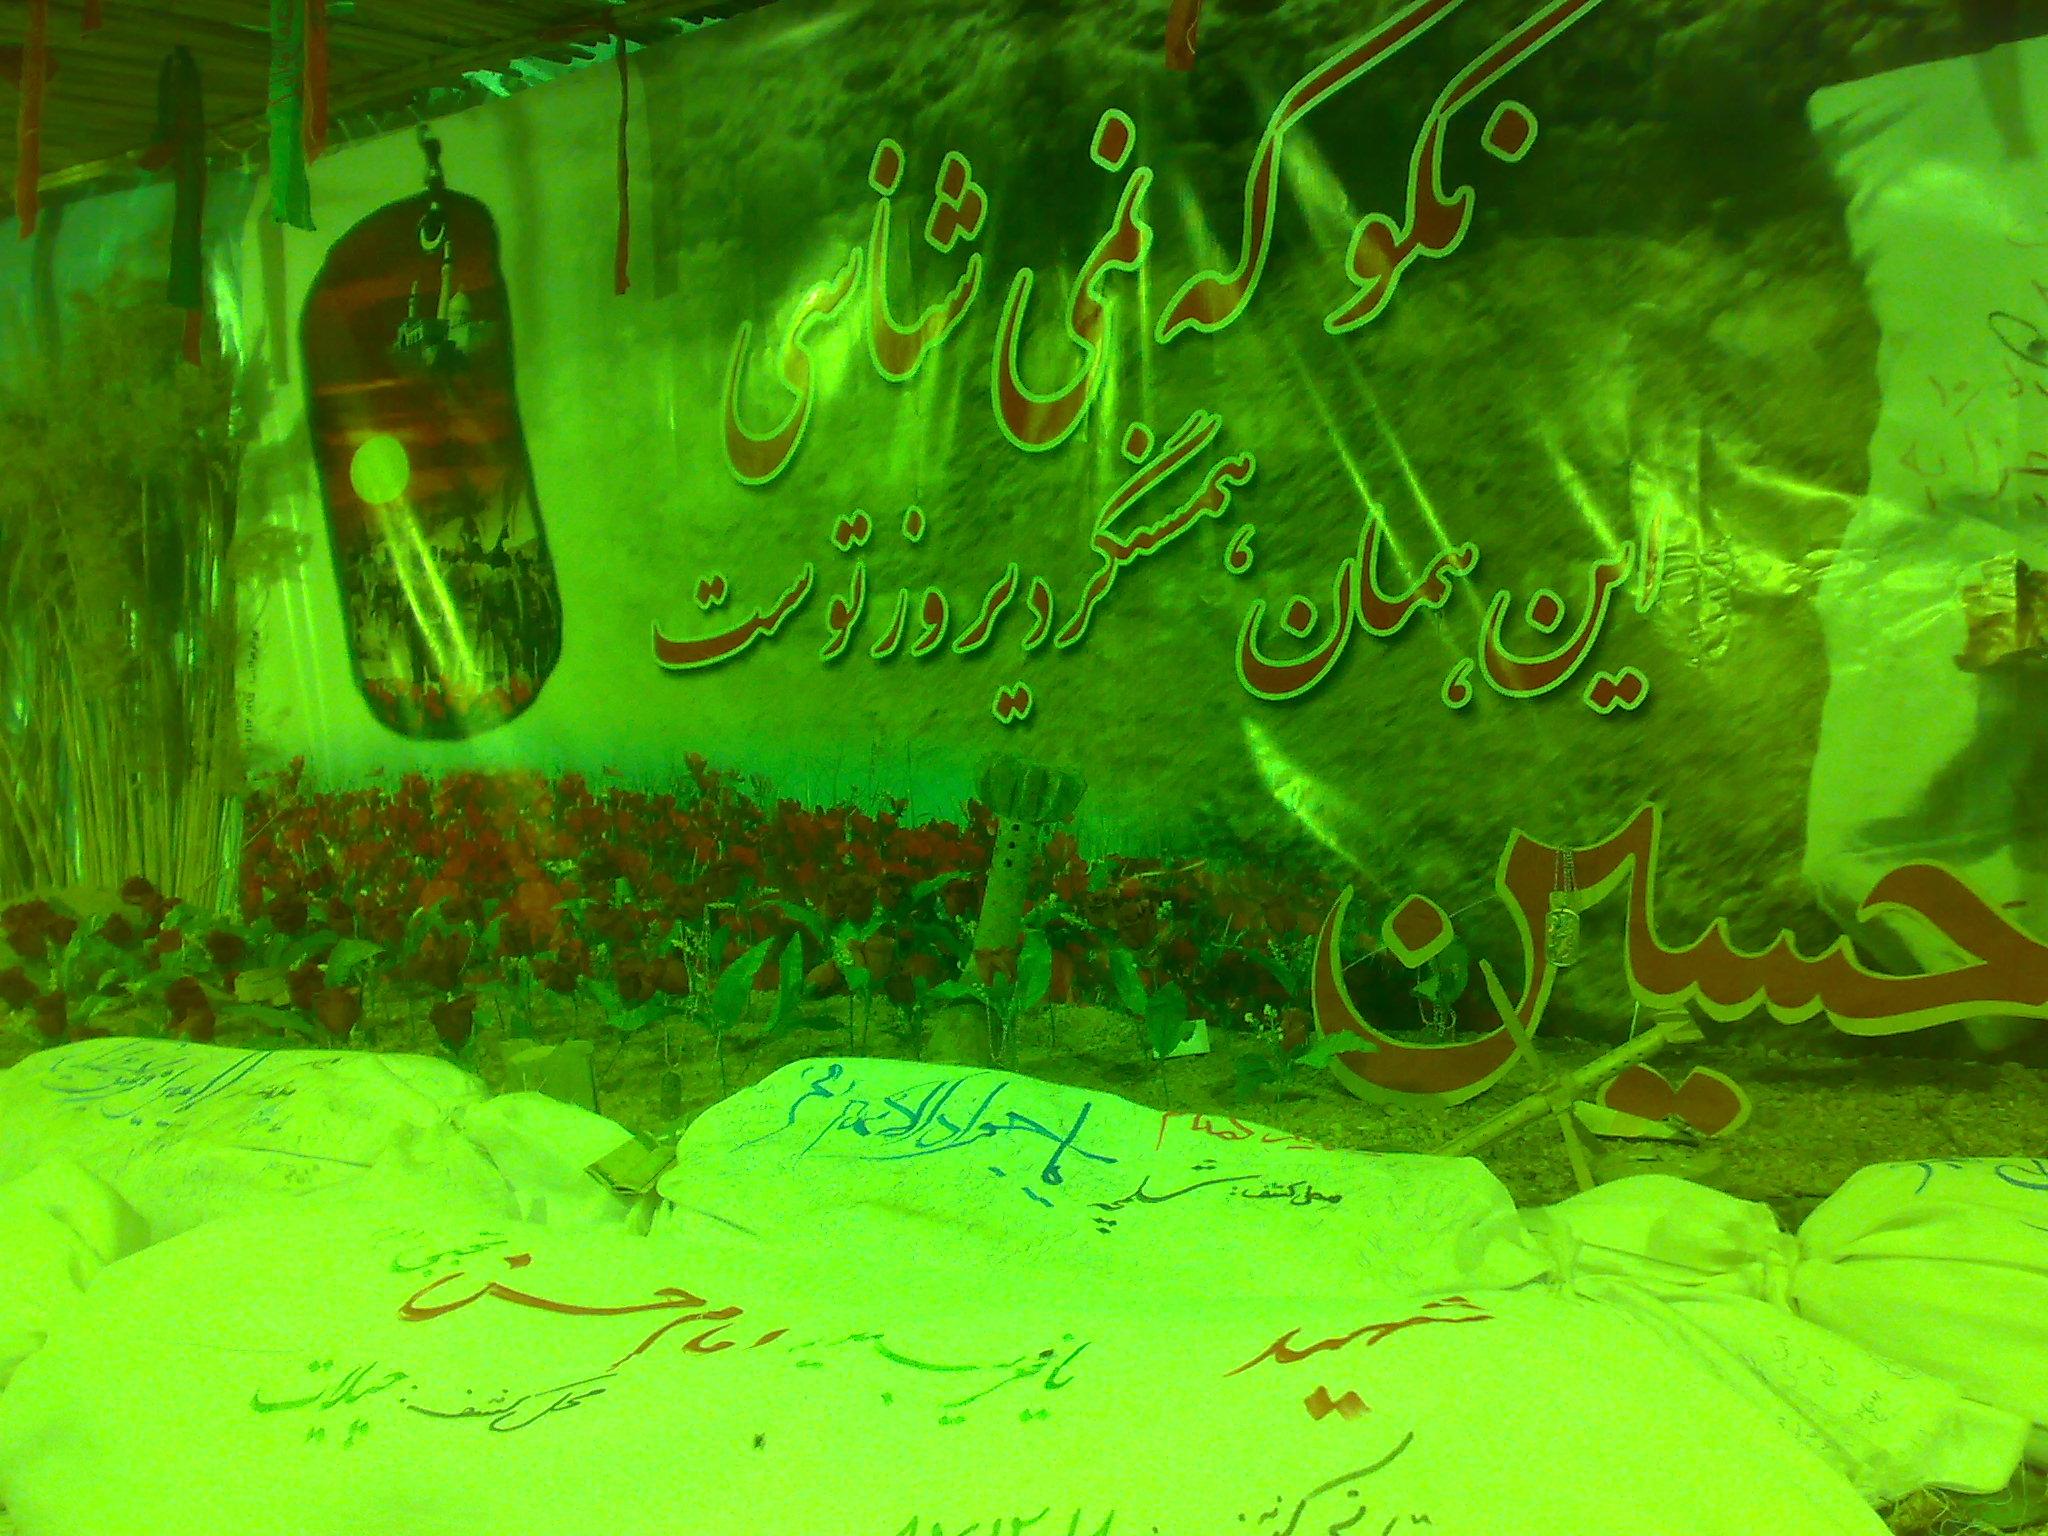 معراج شهدای مقر تفحص شهدای شهید محمودوند اهواز